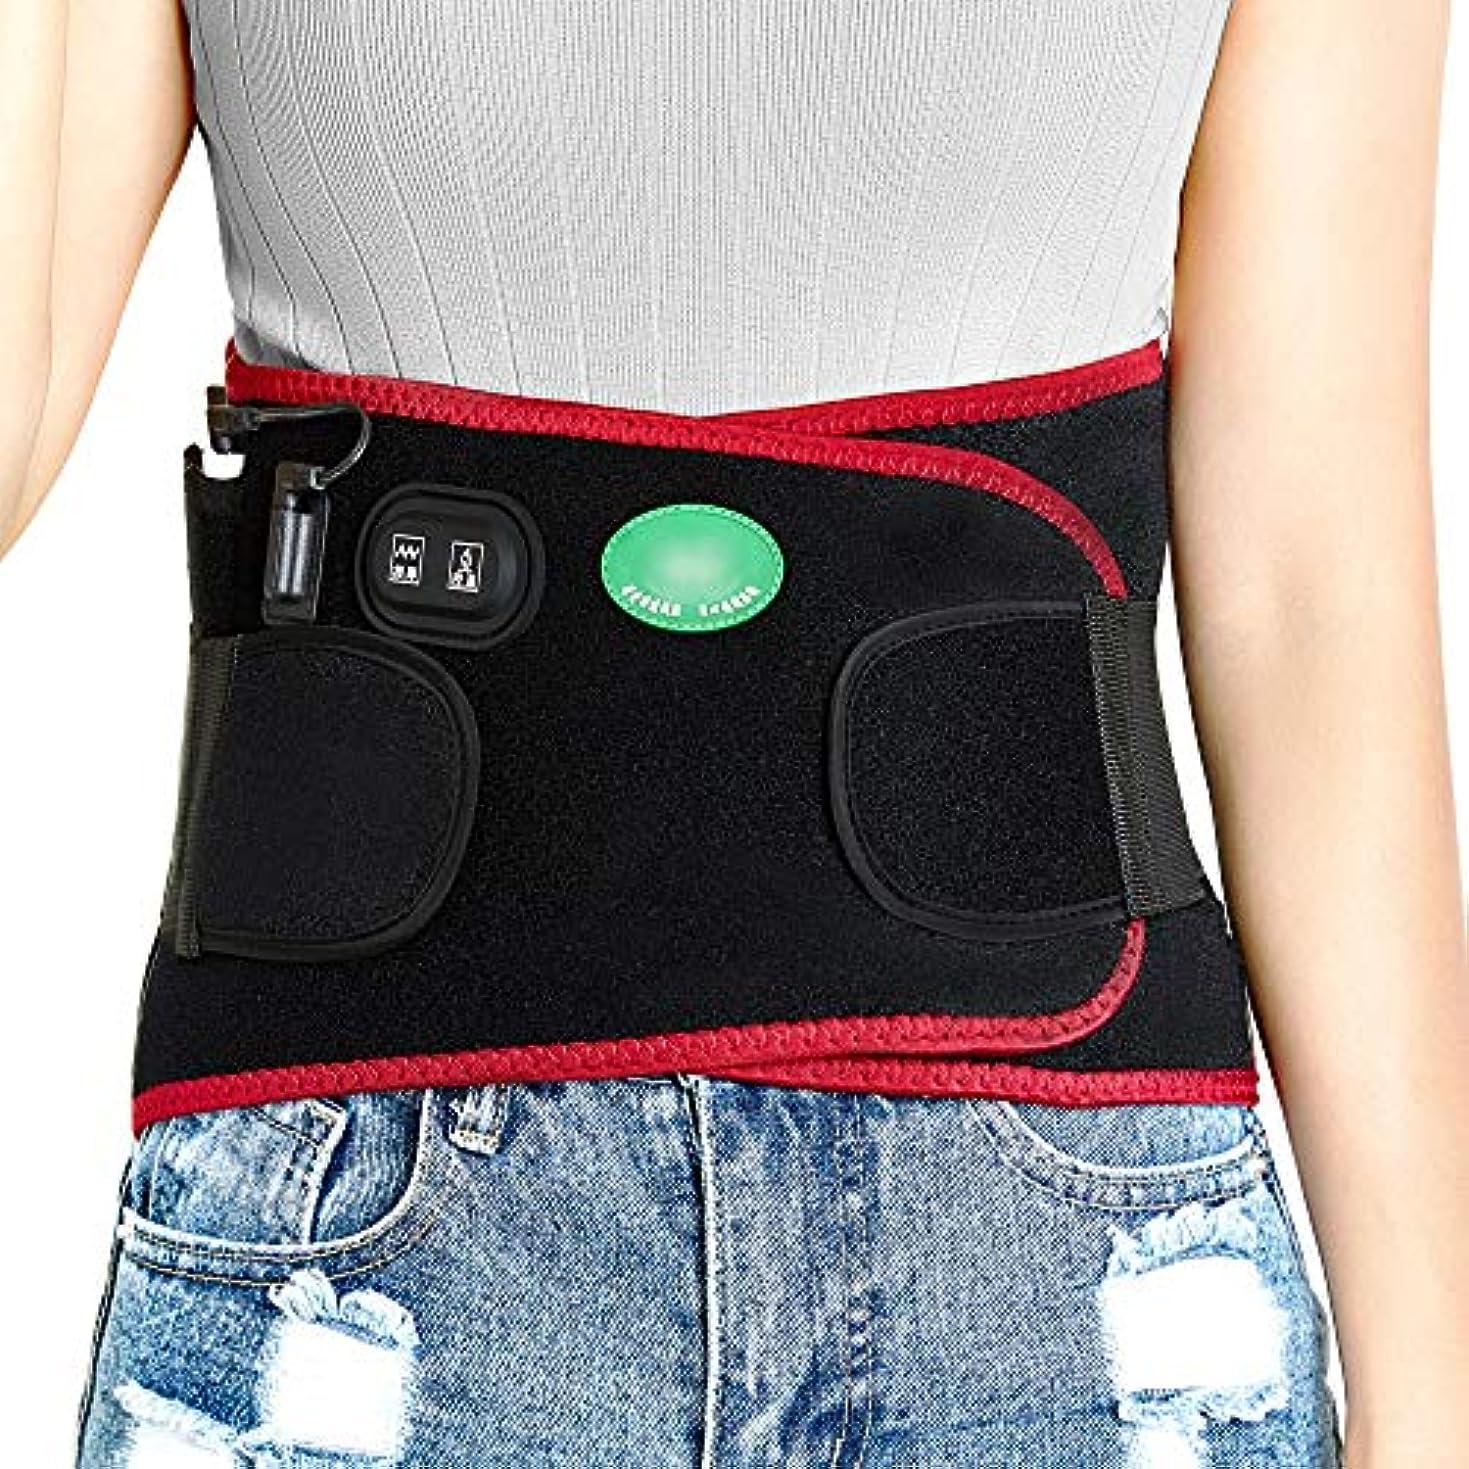 ブレスリットル掘る腰用温熱ベルト 腰を支える 腰間盤際立っている 遠赤外線 腰椎の痛み緩和 3段階温度調節 充電式マッサージ振動する労損 熱をつける男女